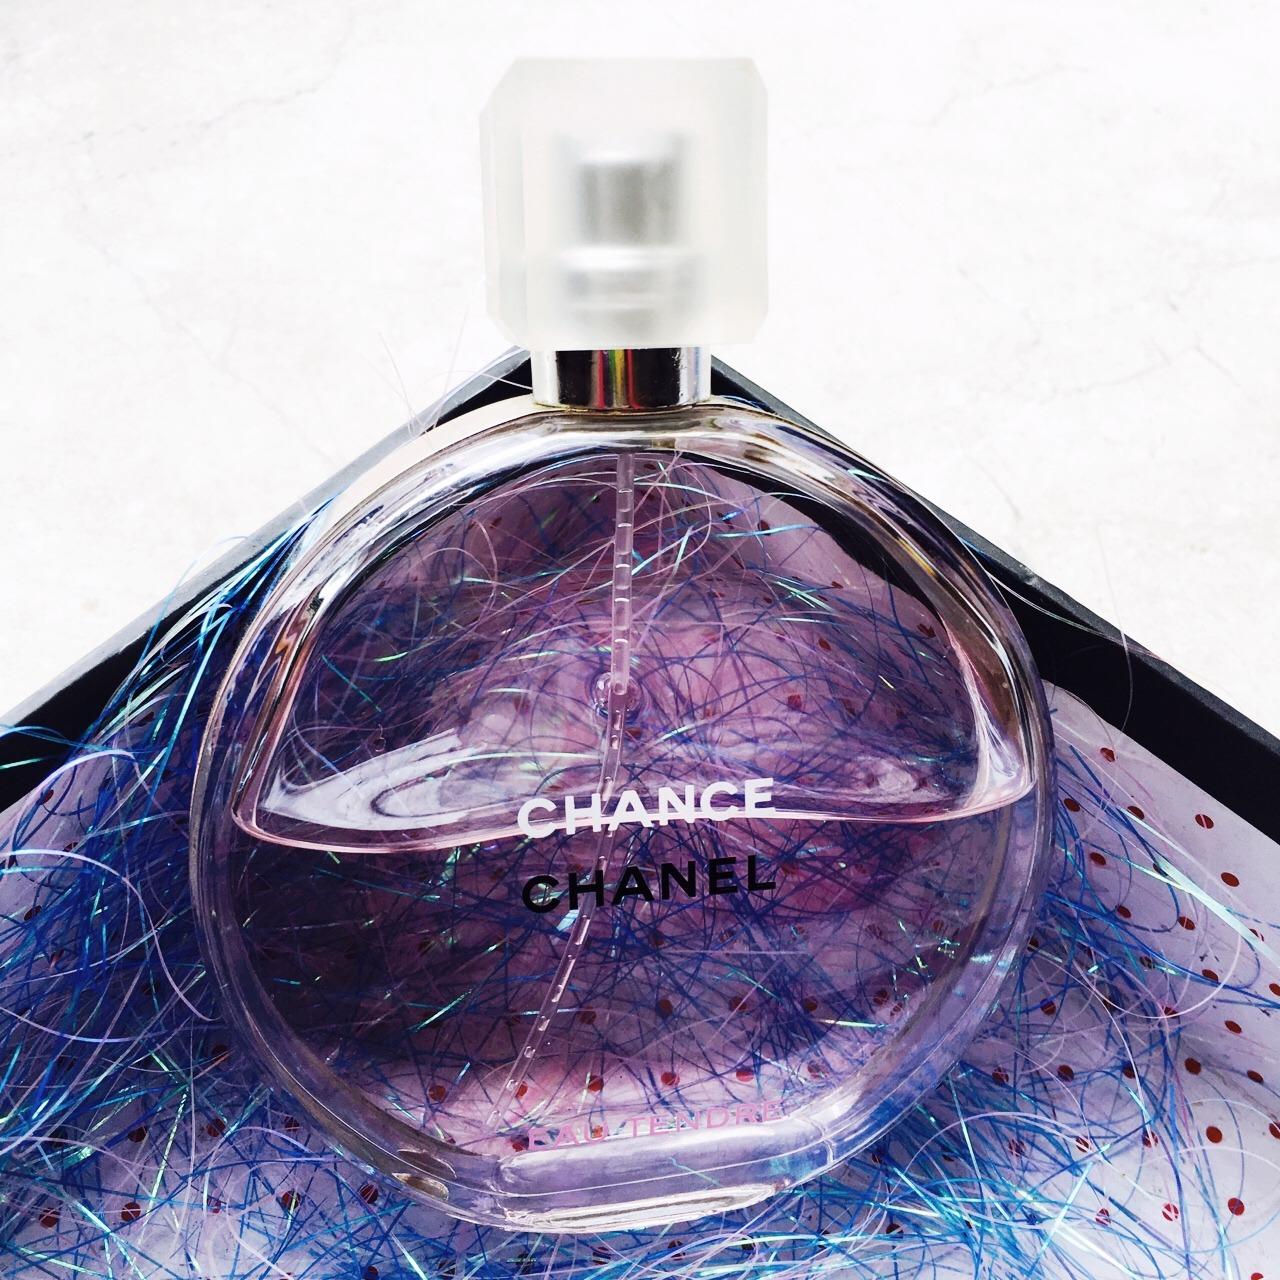 99chanel邂逅香水99_小红书购物笔记